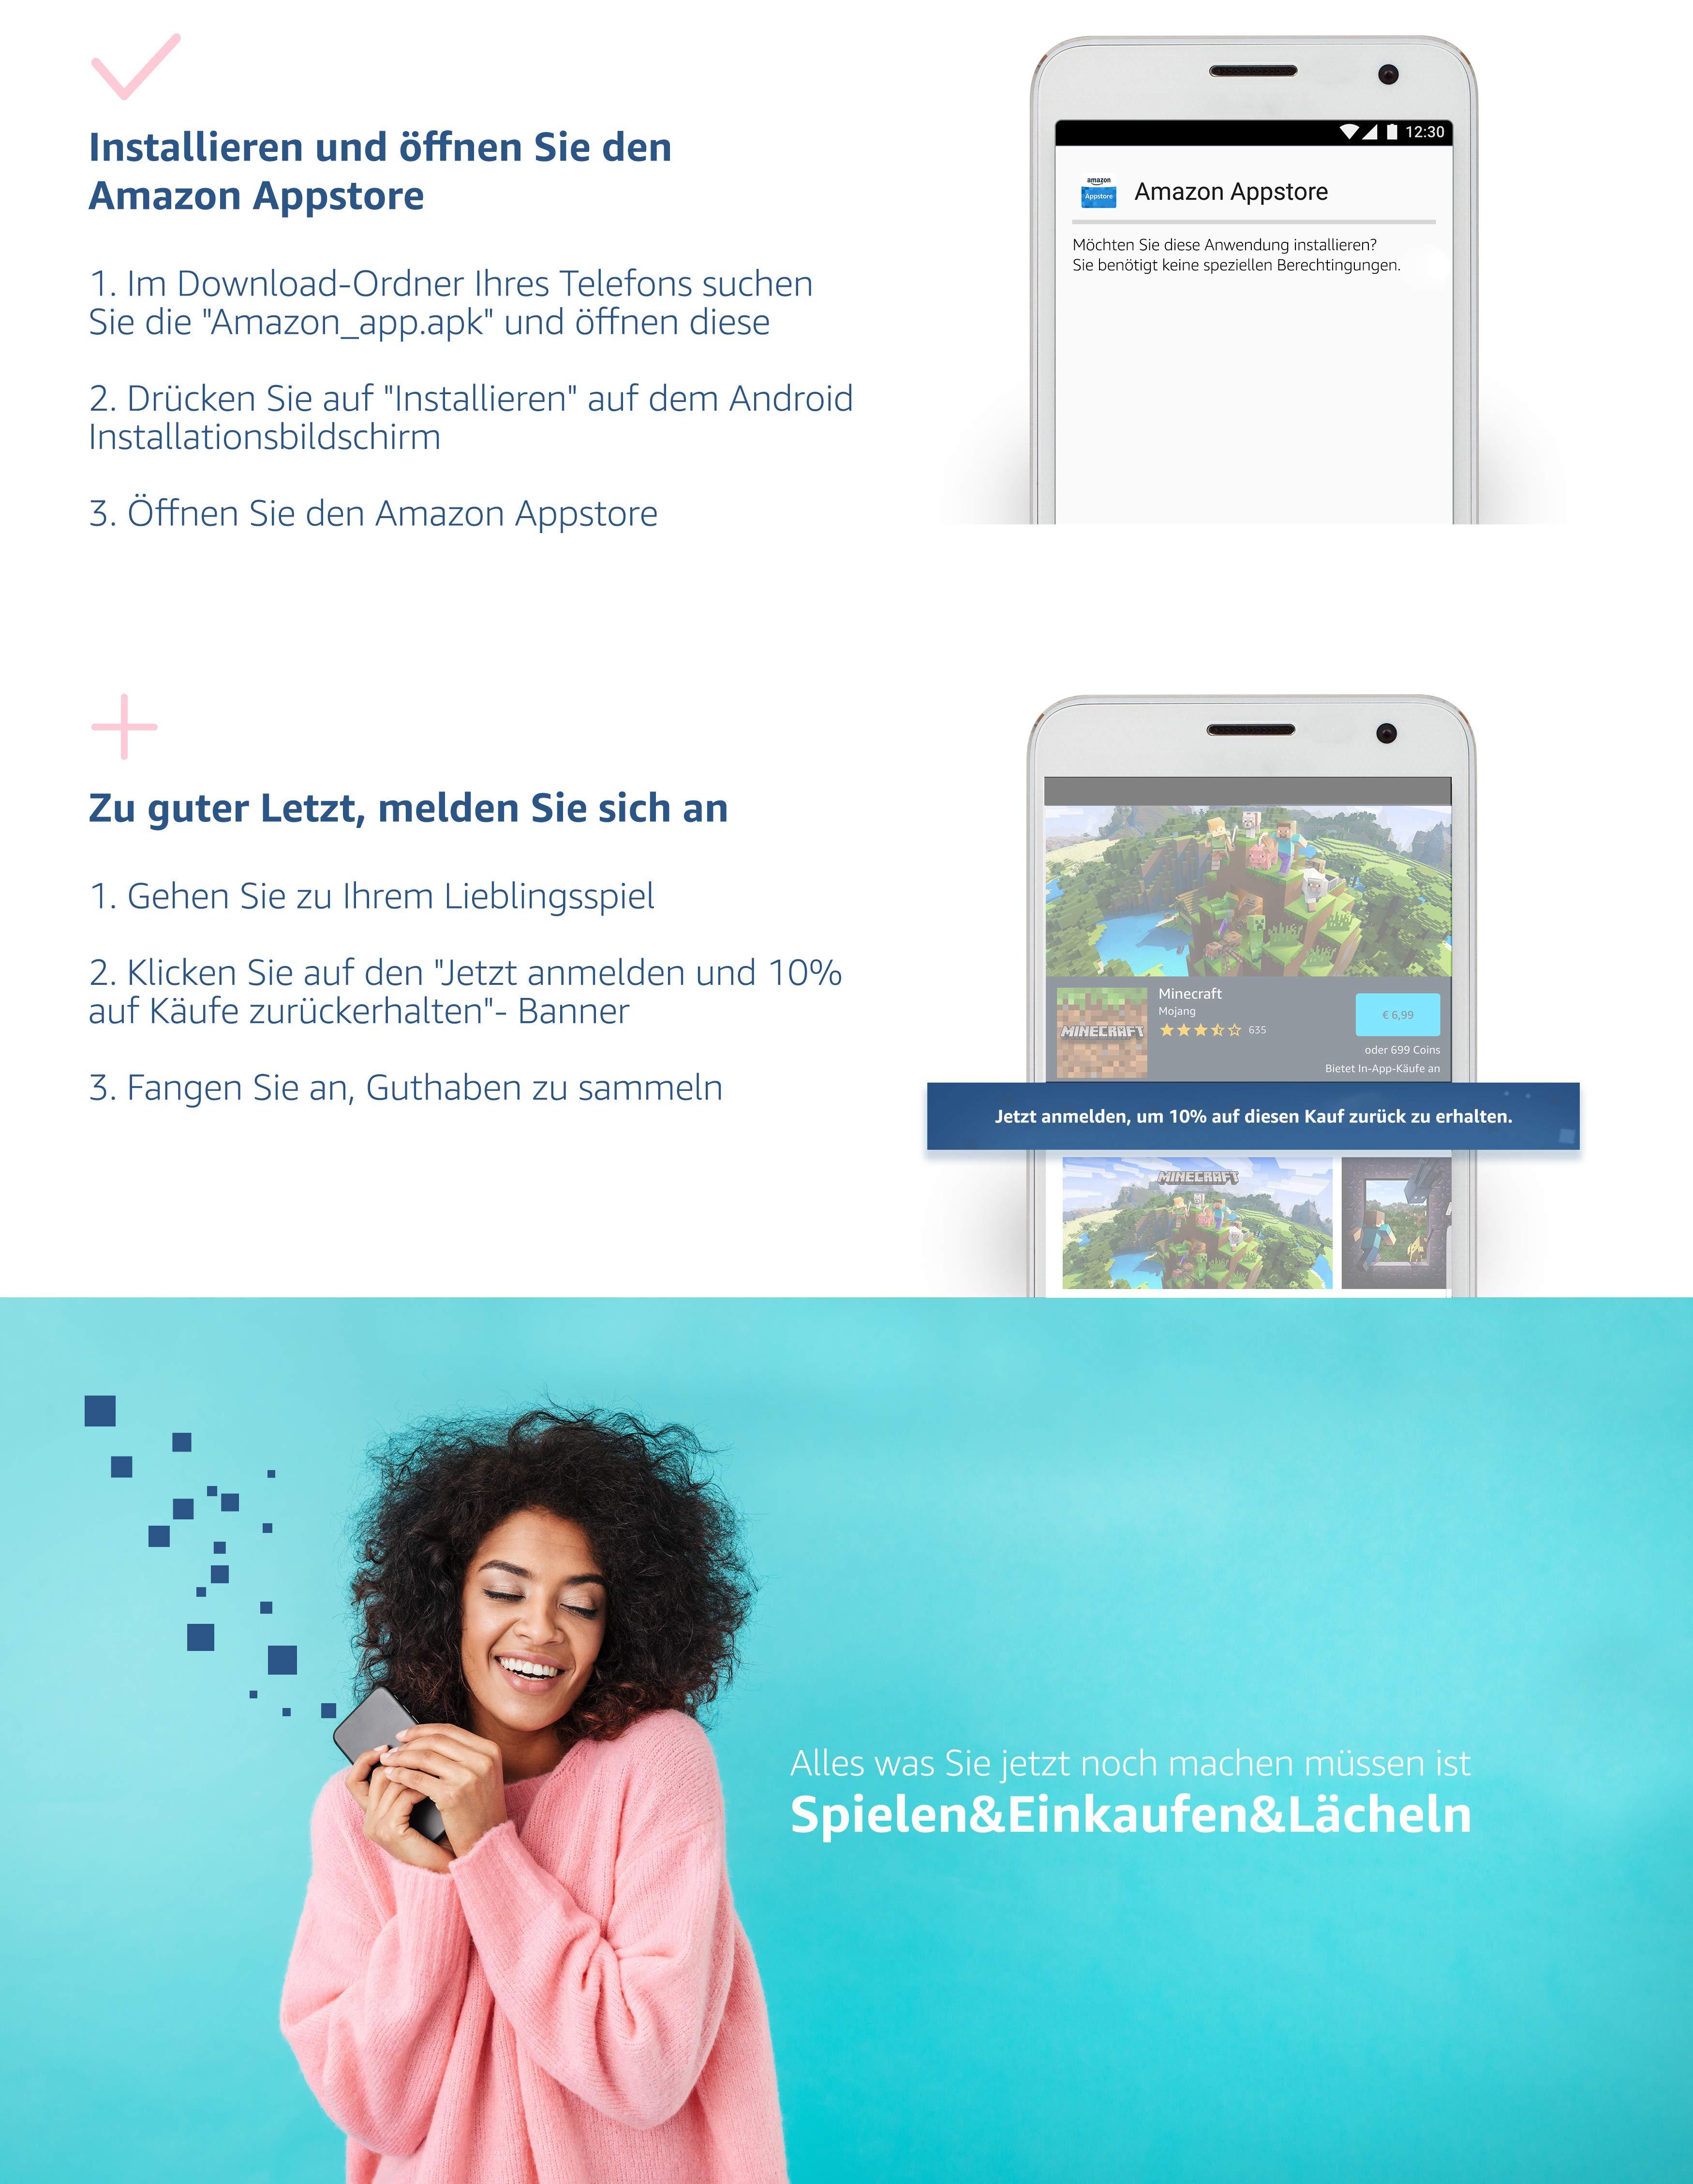 """Erhalten / Laden Sie den Amazon Appstore herunter 1. Klicken Sie auf den Knopf """"Jetzt Starten"""" und geben Sie Ihre e-Mail oder Telefonnummer ein.  2. Wir senden Ihnen den Link auf Ihr Android Telefon  Installieren und öffnen Sie den Amazon Appstore   1. Im Download-Ordner Ihres Telefons suchen Sie die """"Amazon_app.apk"""" und öffnen diese   2. Drücken Sie auf """"Installieren"""" auf dem Andorid Installationsbildschirm ü  3. Öffnen Sie den Amazon Appstore  """"Zu guter Letzt, melden Sie sich an  1. Gehen Sie zu Ihrem Lieblingsspiel  2. Klicken Sie auf den """"""""Jetzt anmelden und 10% auf Käufe zurückerhalten""""""""- Banner  3. Fangen Sie an Guthaben zu sammeln""""  Alles was Sie jetzt noch machen müssen ist Spielen&Einkaufen&Lächeln"""